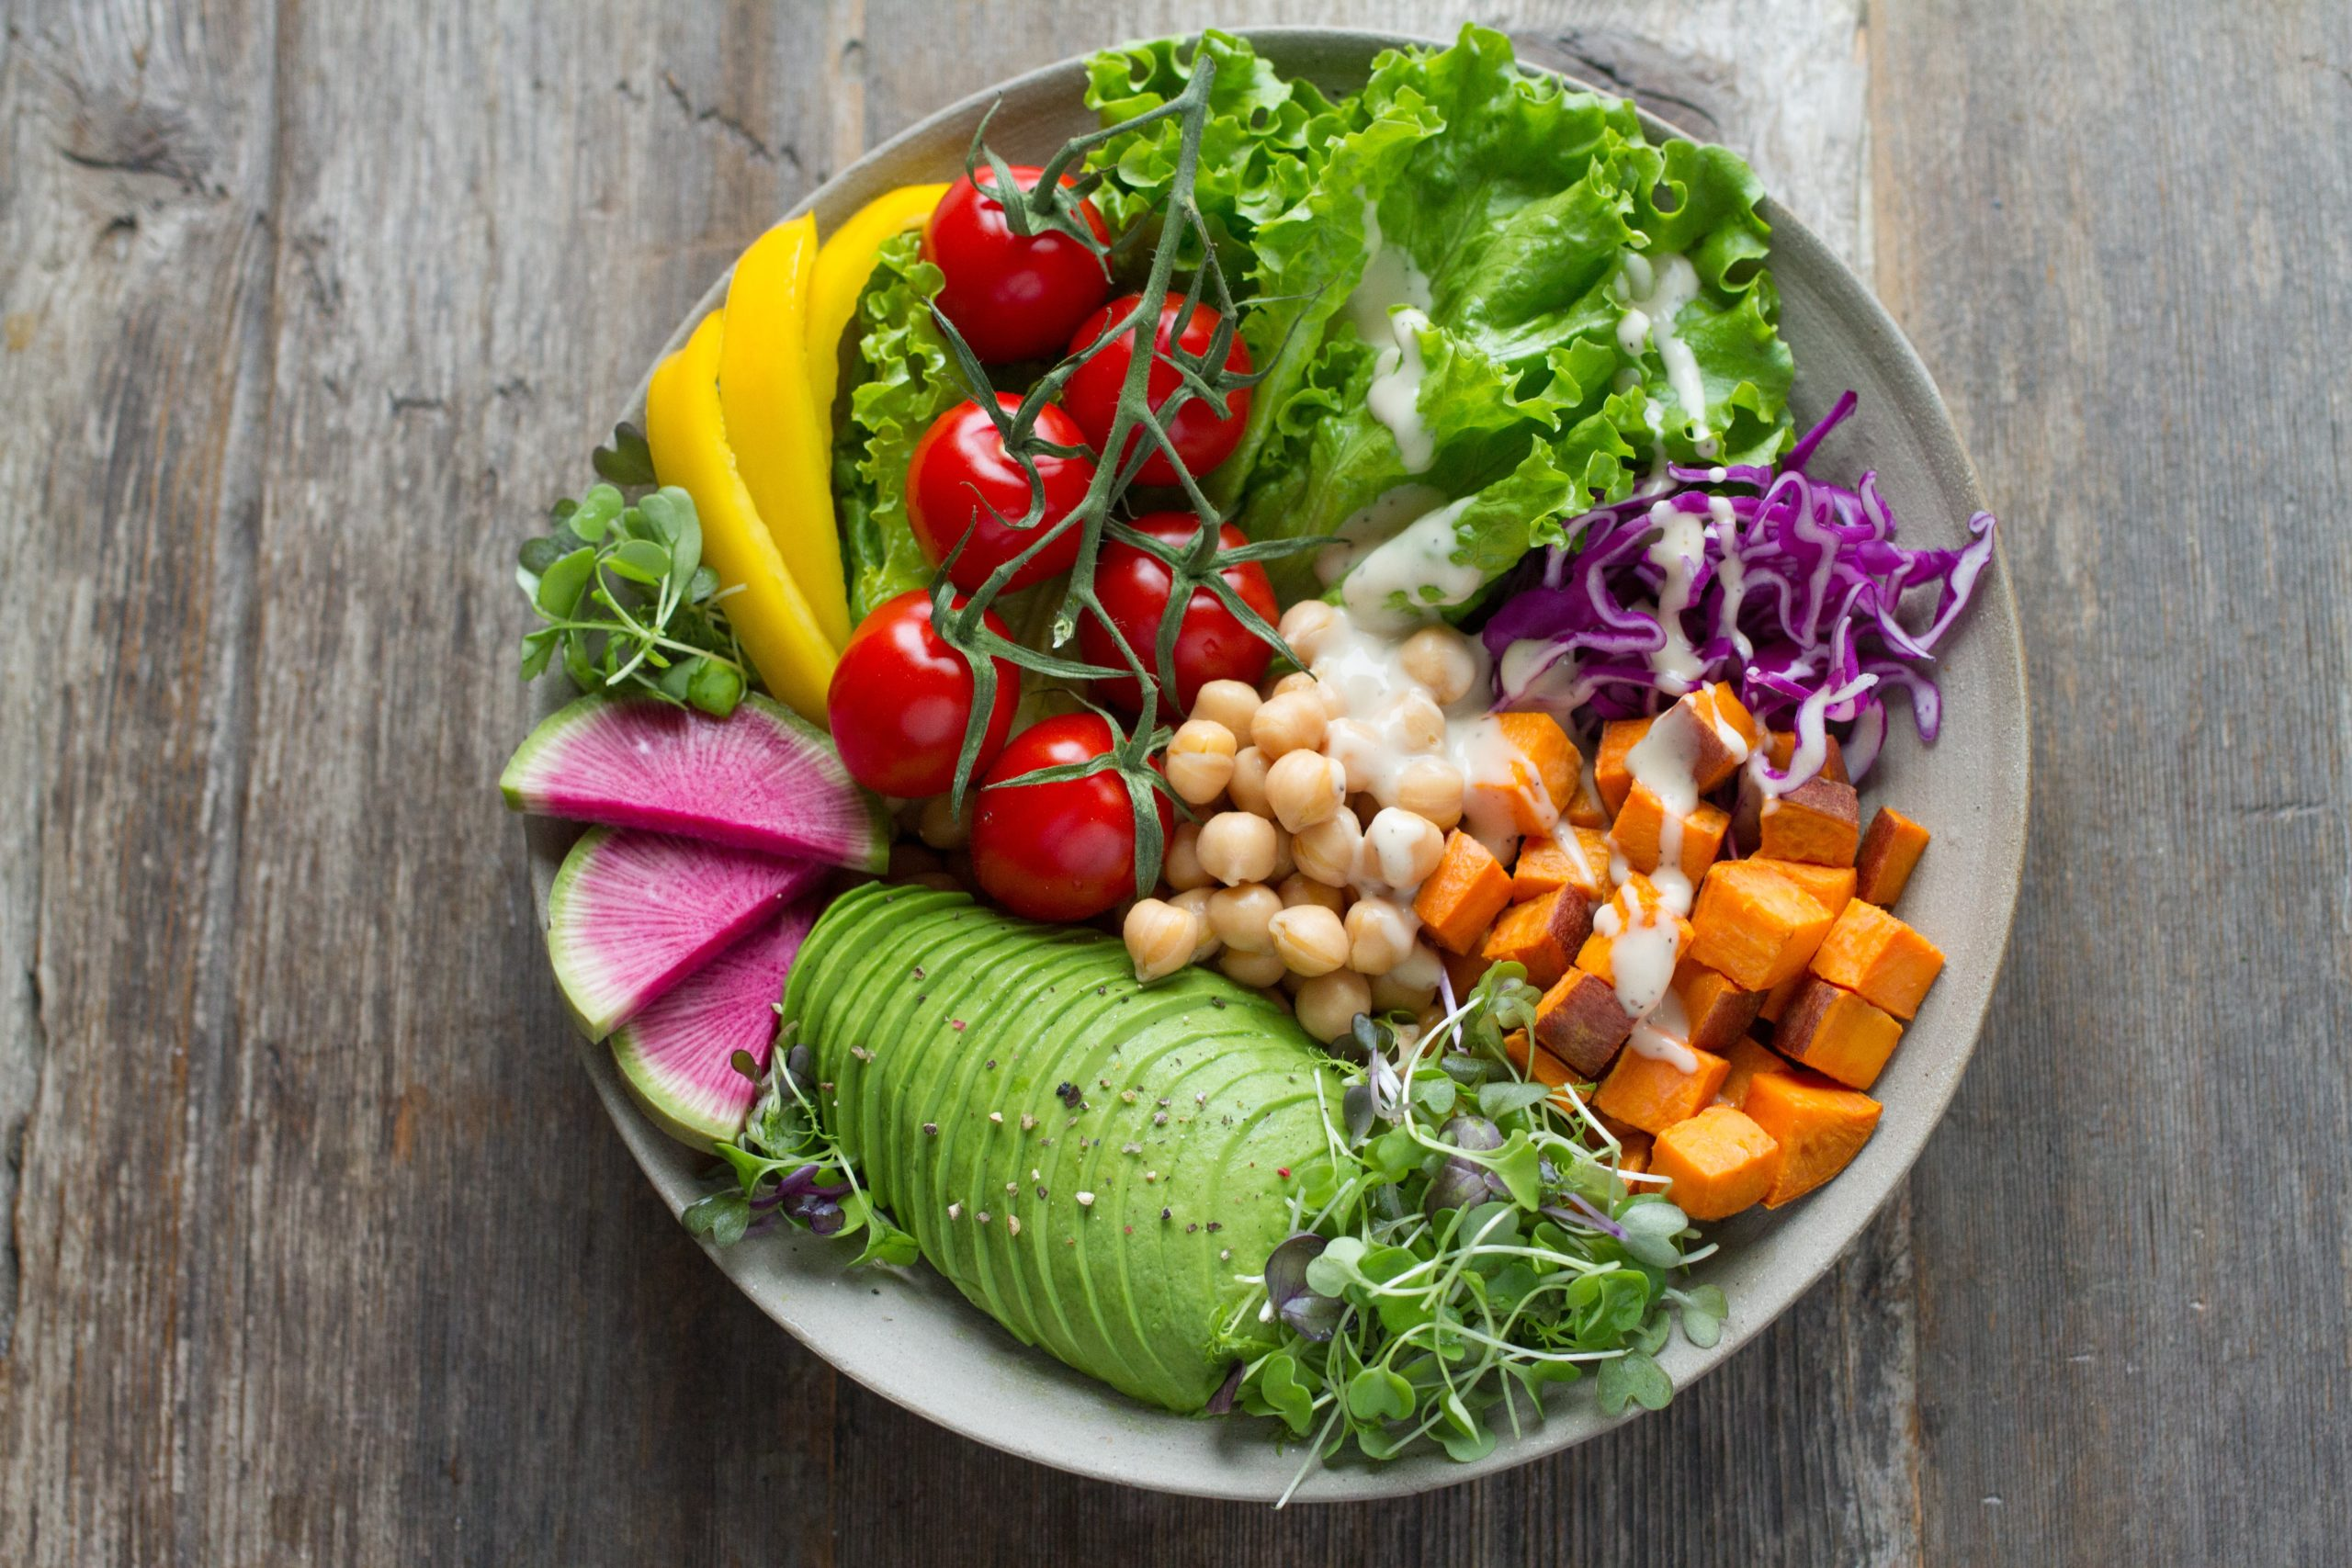 Les 5 éléments d'un repas équilibré !